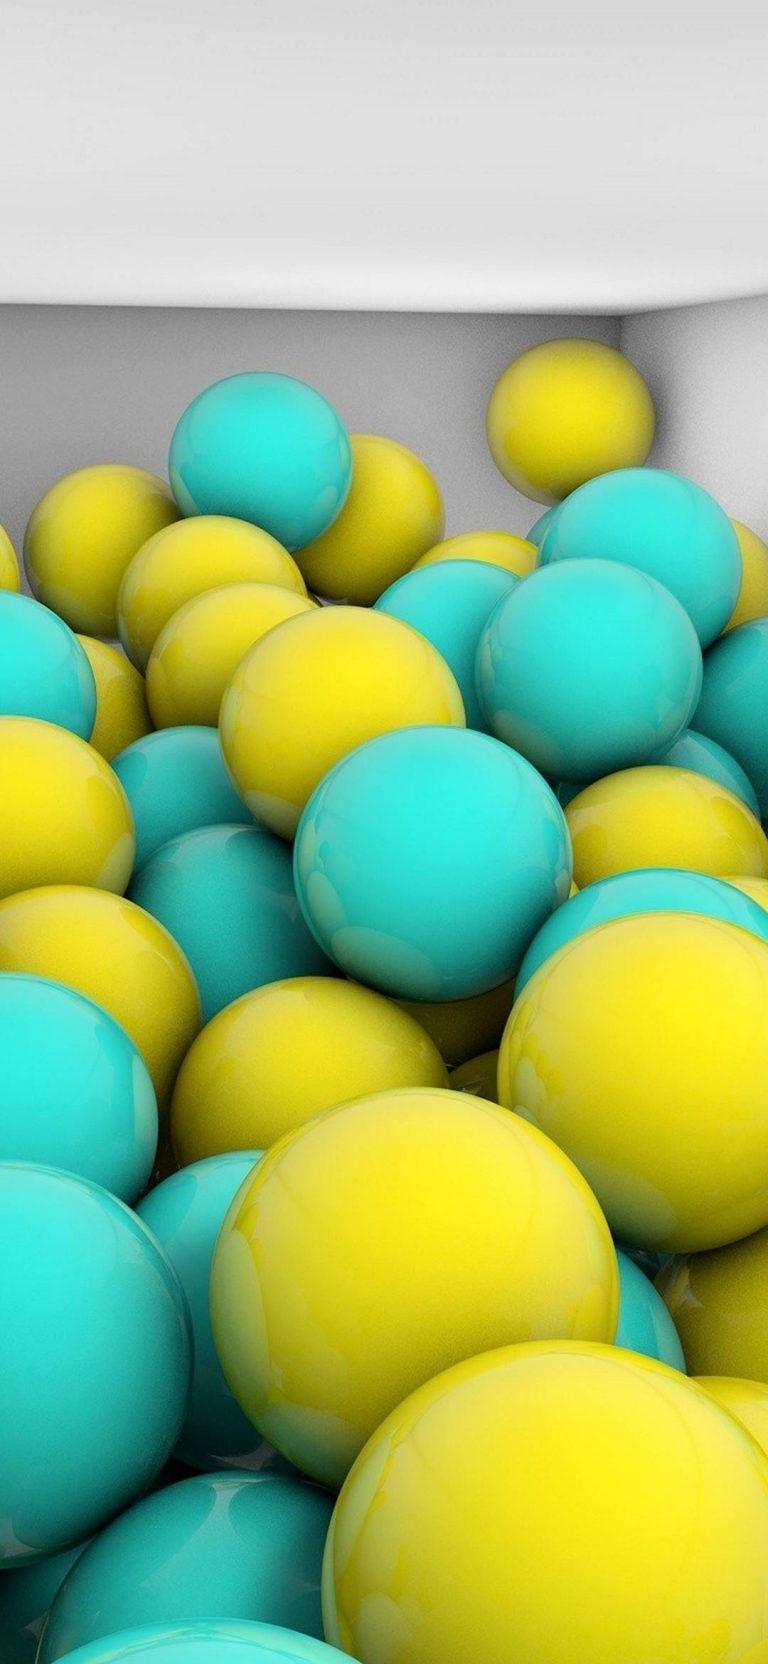 Balls A Lot Of 1080x2340 768x1664